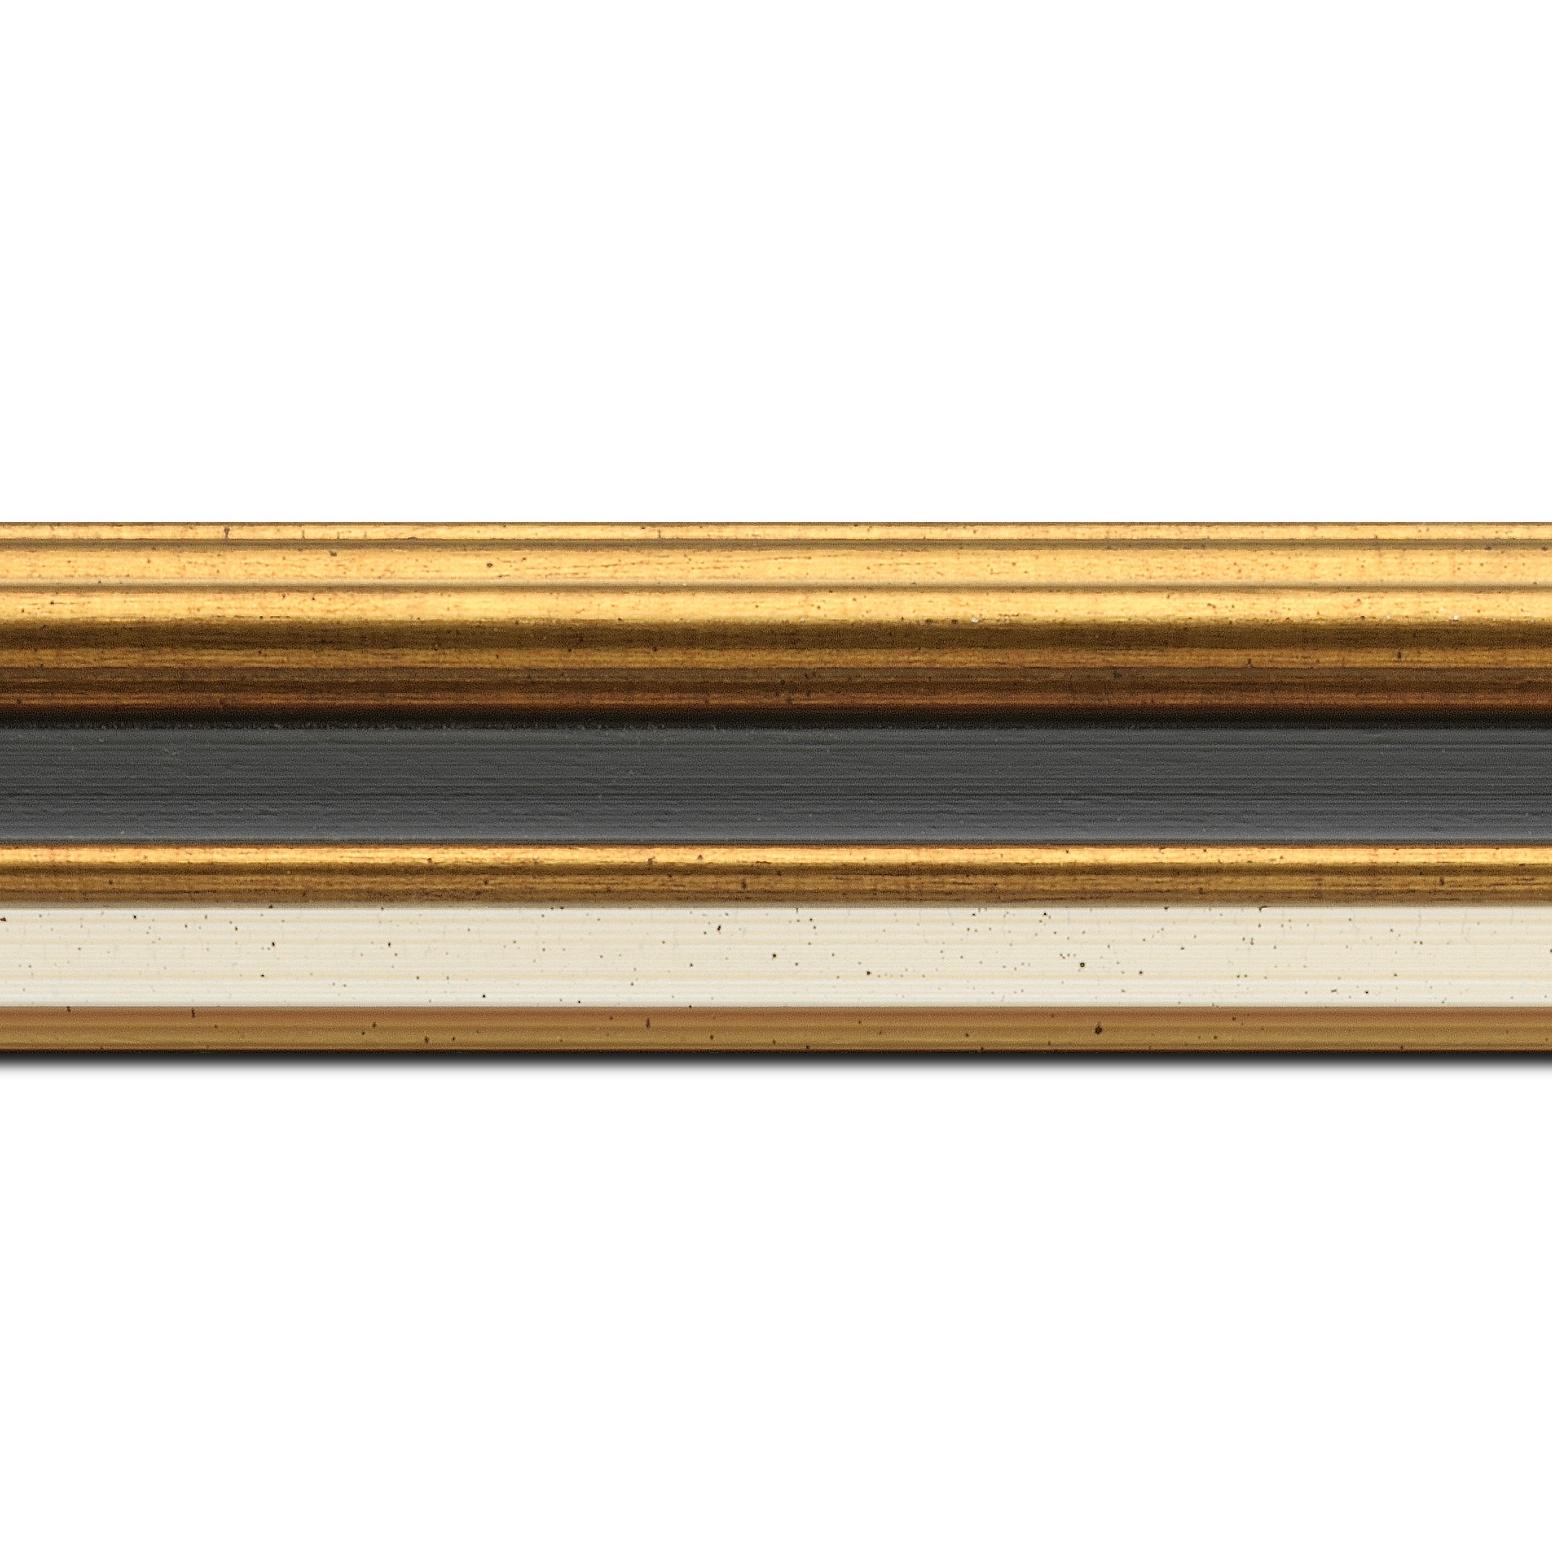 Baguette longueur 1.40m bois largeur 5.2cm or gorge noire  marie louise crème filet or intégrée